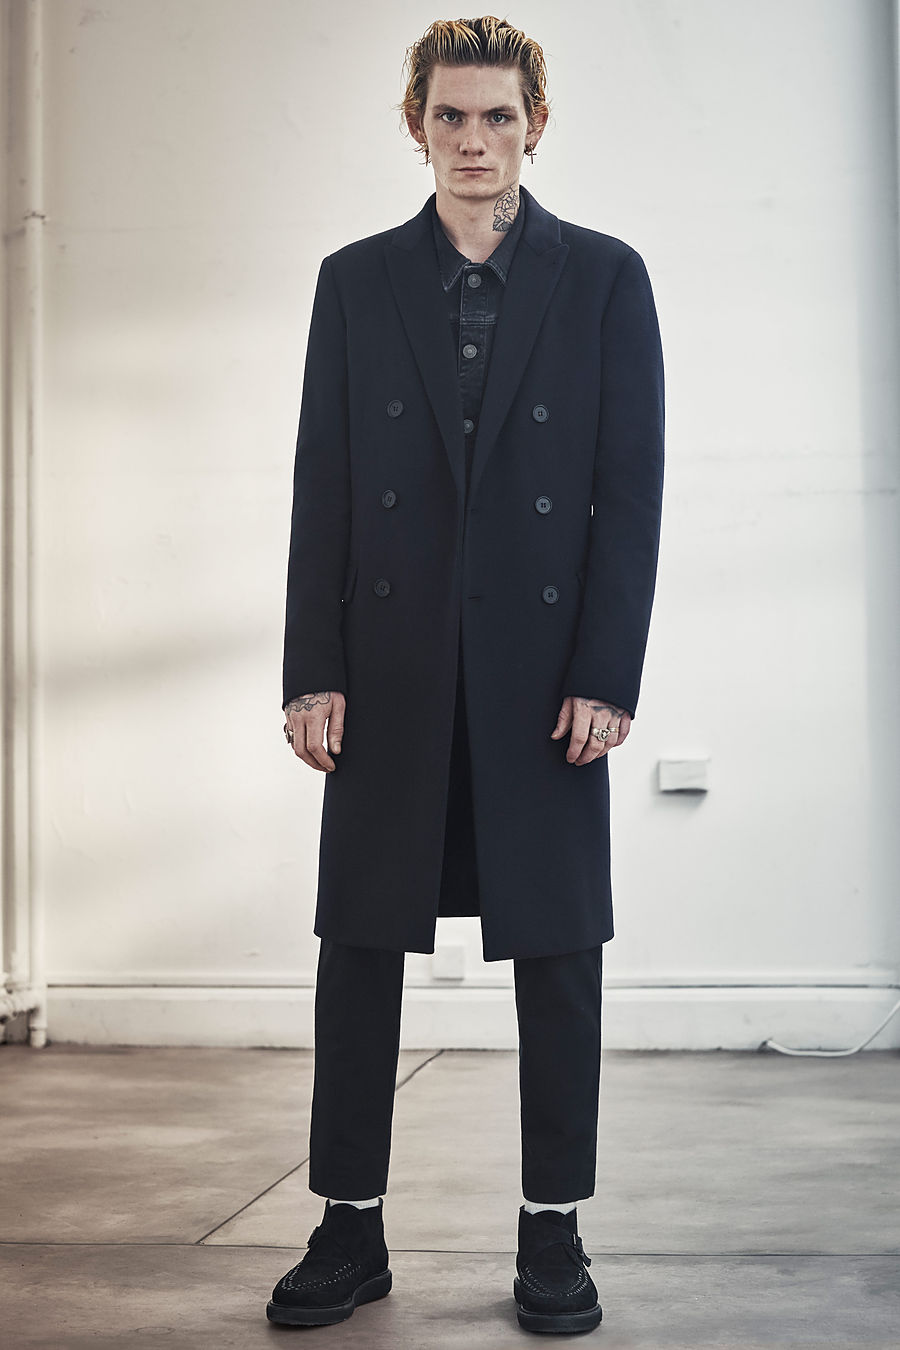 Storr denim jacket , £108   Pico trouser , £128  Bower Boot  , £158